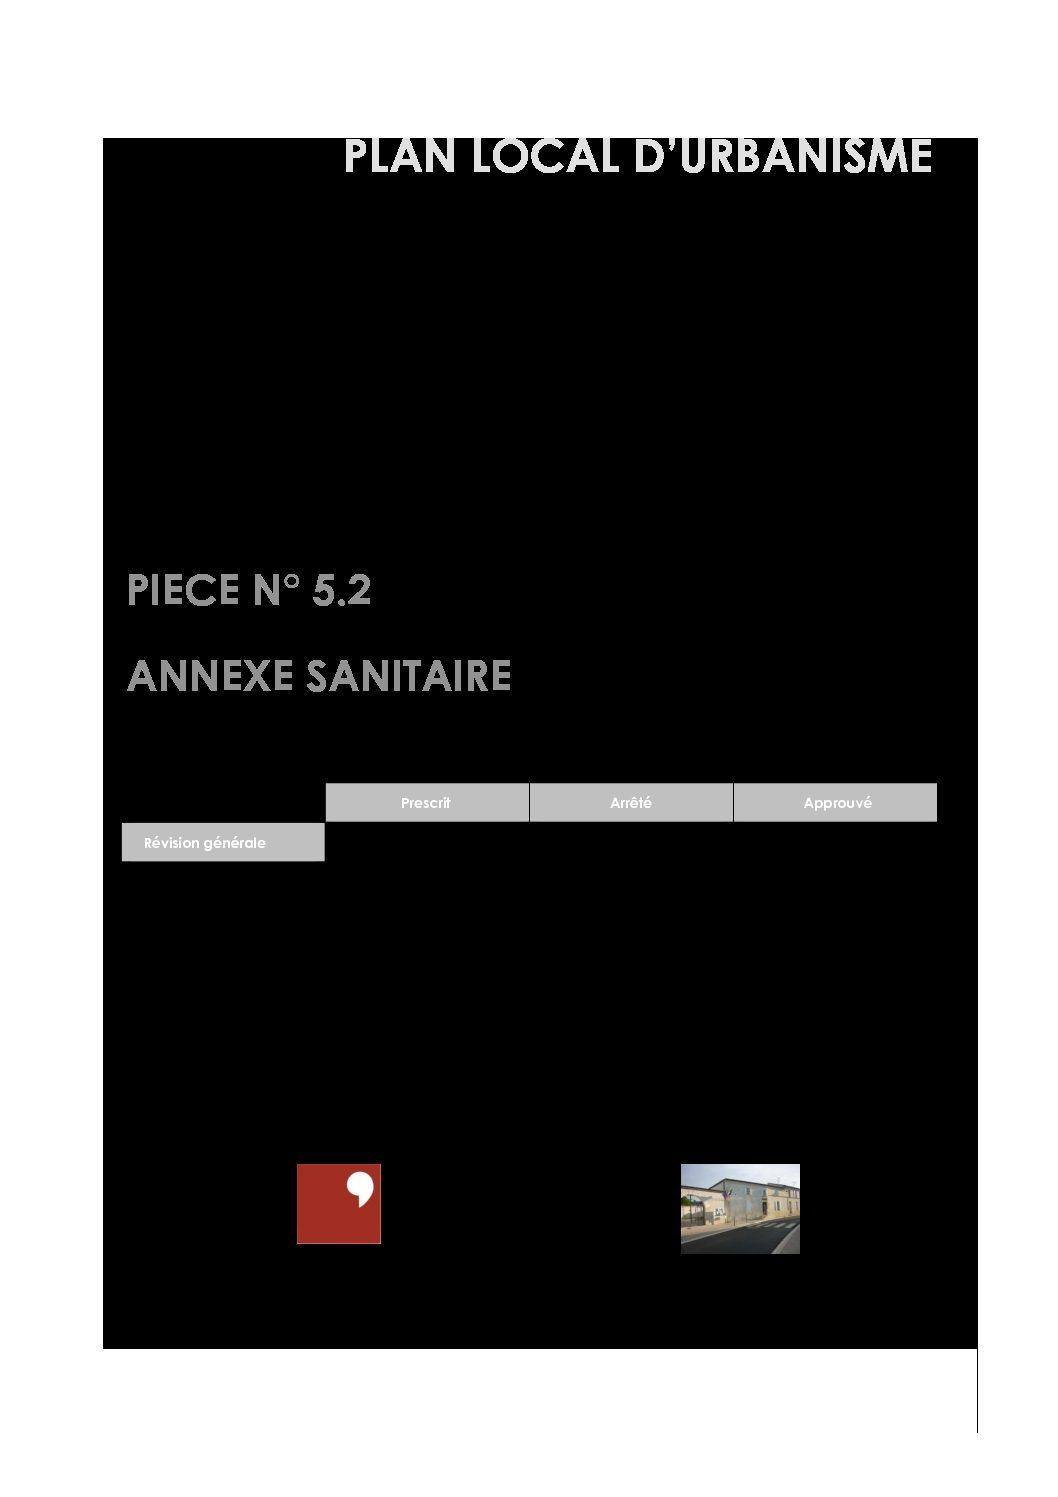 PIECE N° 5.2 – ANNEXE SANITAIRE